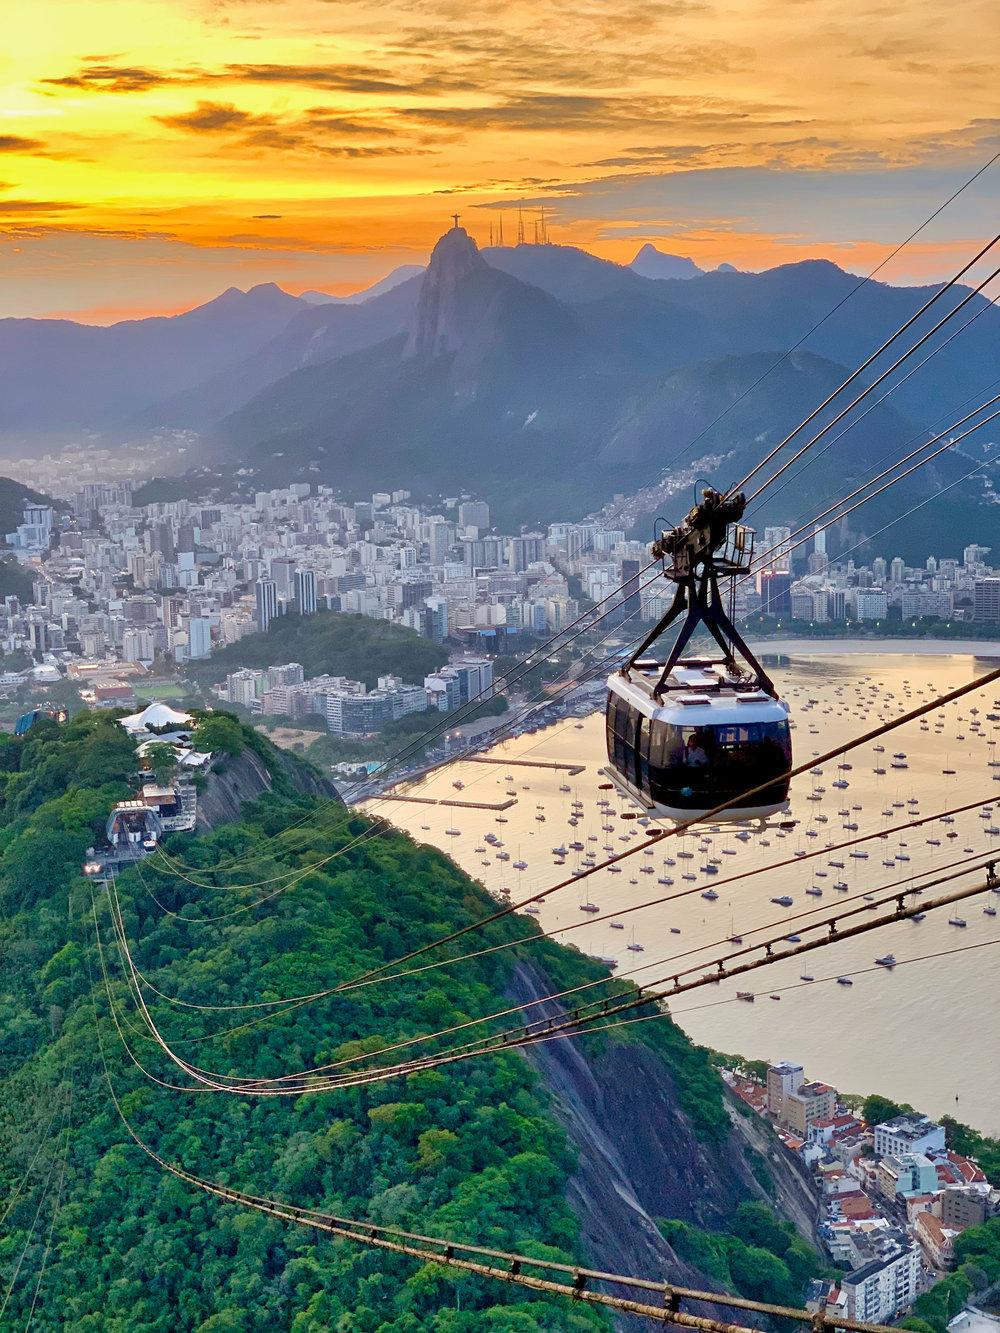 Rio de Janeiro - Desde noviembre, pasando por diciembre hasta enero, es la temporada más barata para visitar Rio - evitando despedida de año-. Una de las ciudades más hermosas en todo el Planeta Tierra tiene mucho que ofrecer. Los precios en temporadas pico como el Carnaval y despedida de año pueden estar hasta 300% más caros en comparación con la temporada baja.